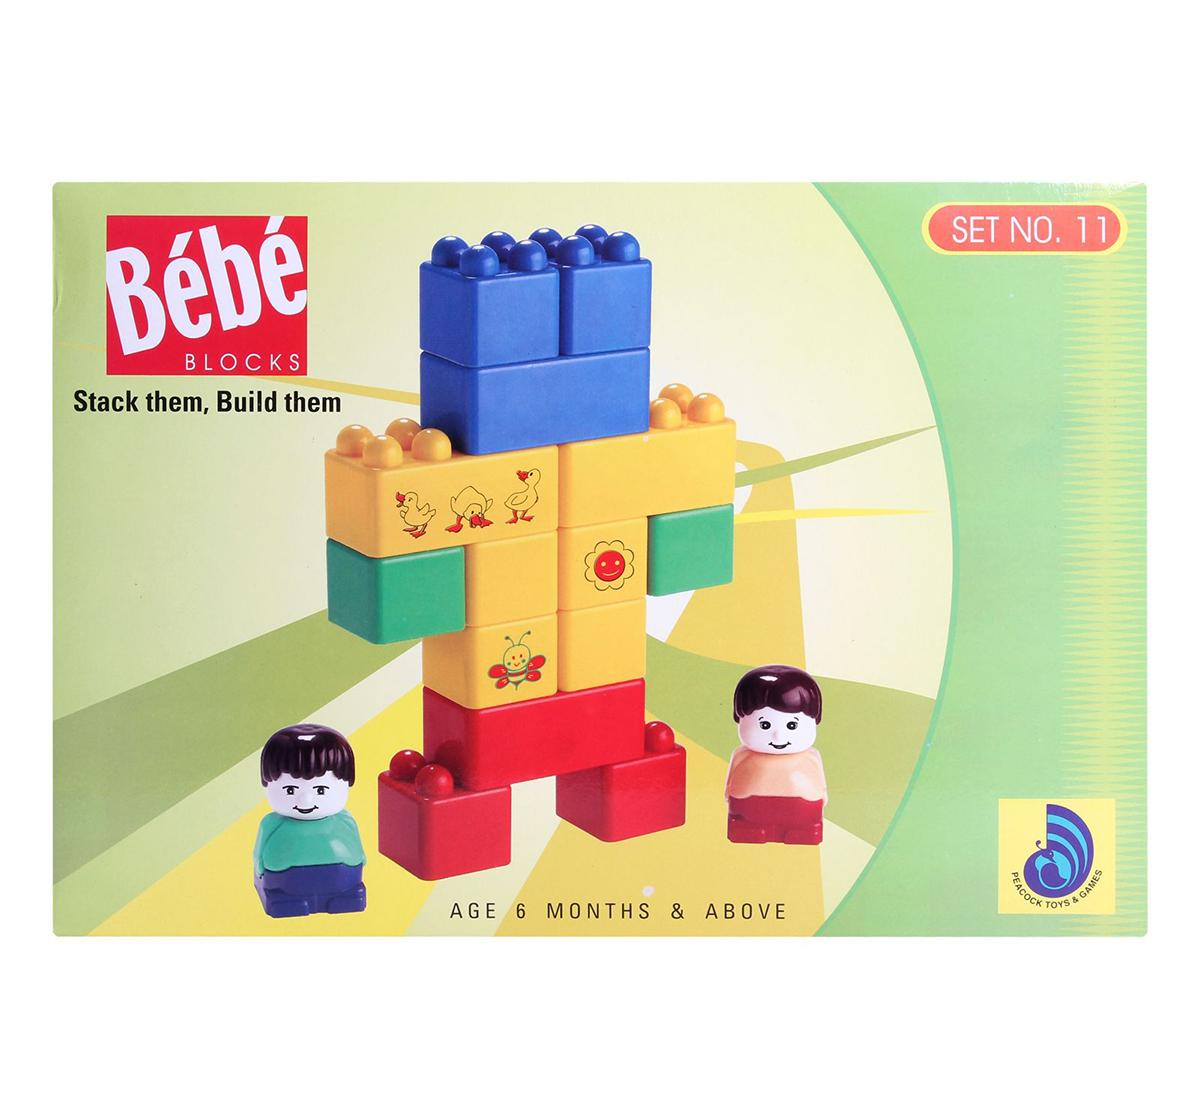 Peacock | Peacock  Bebe  Set No 11 Generic Blocks for Kids age 6M+